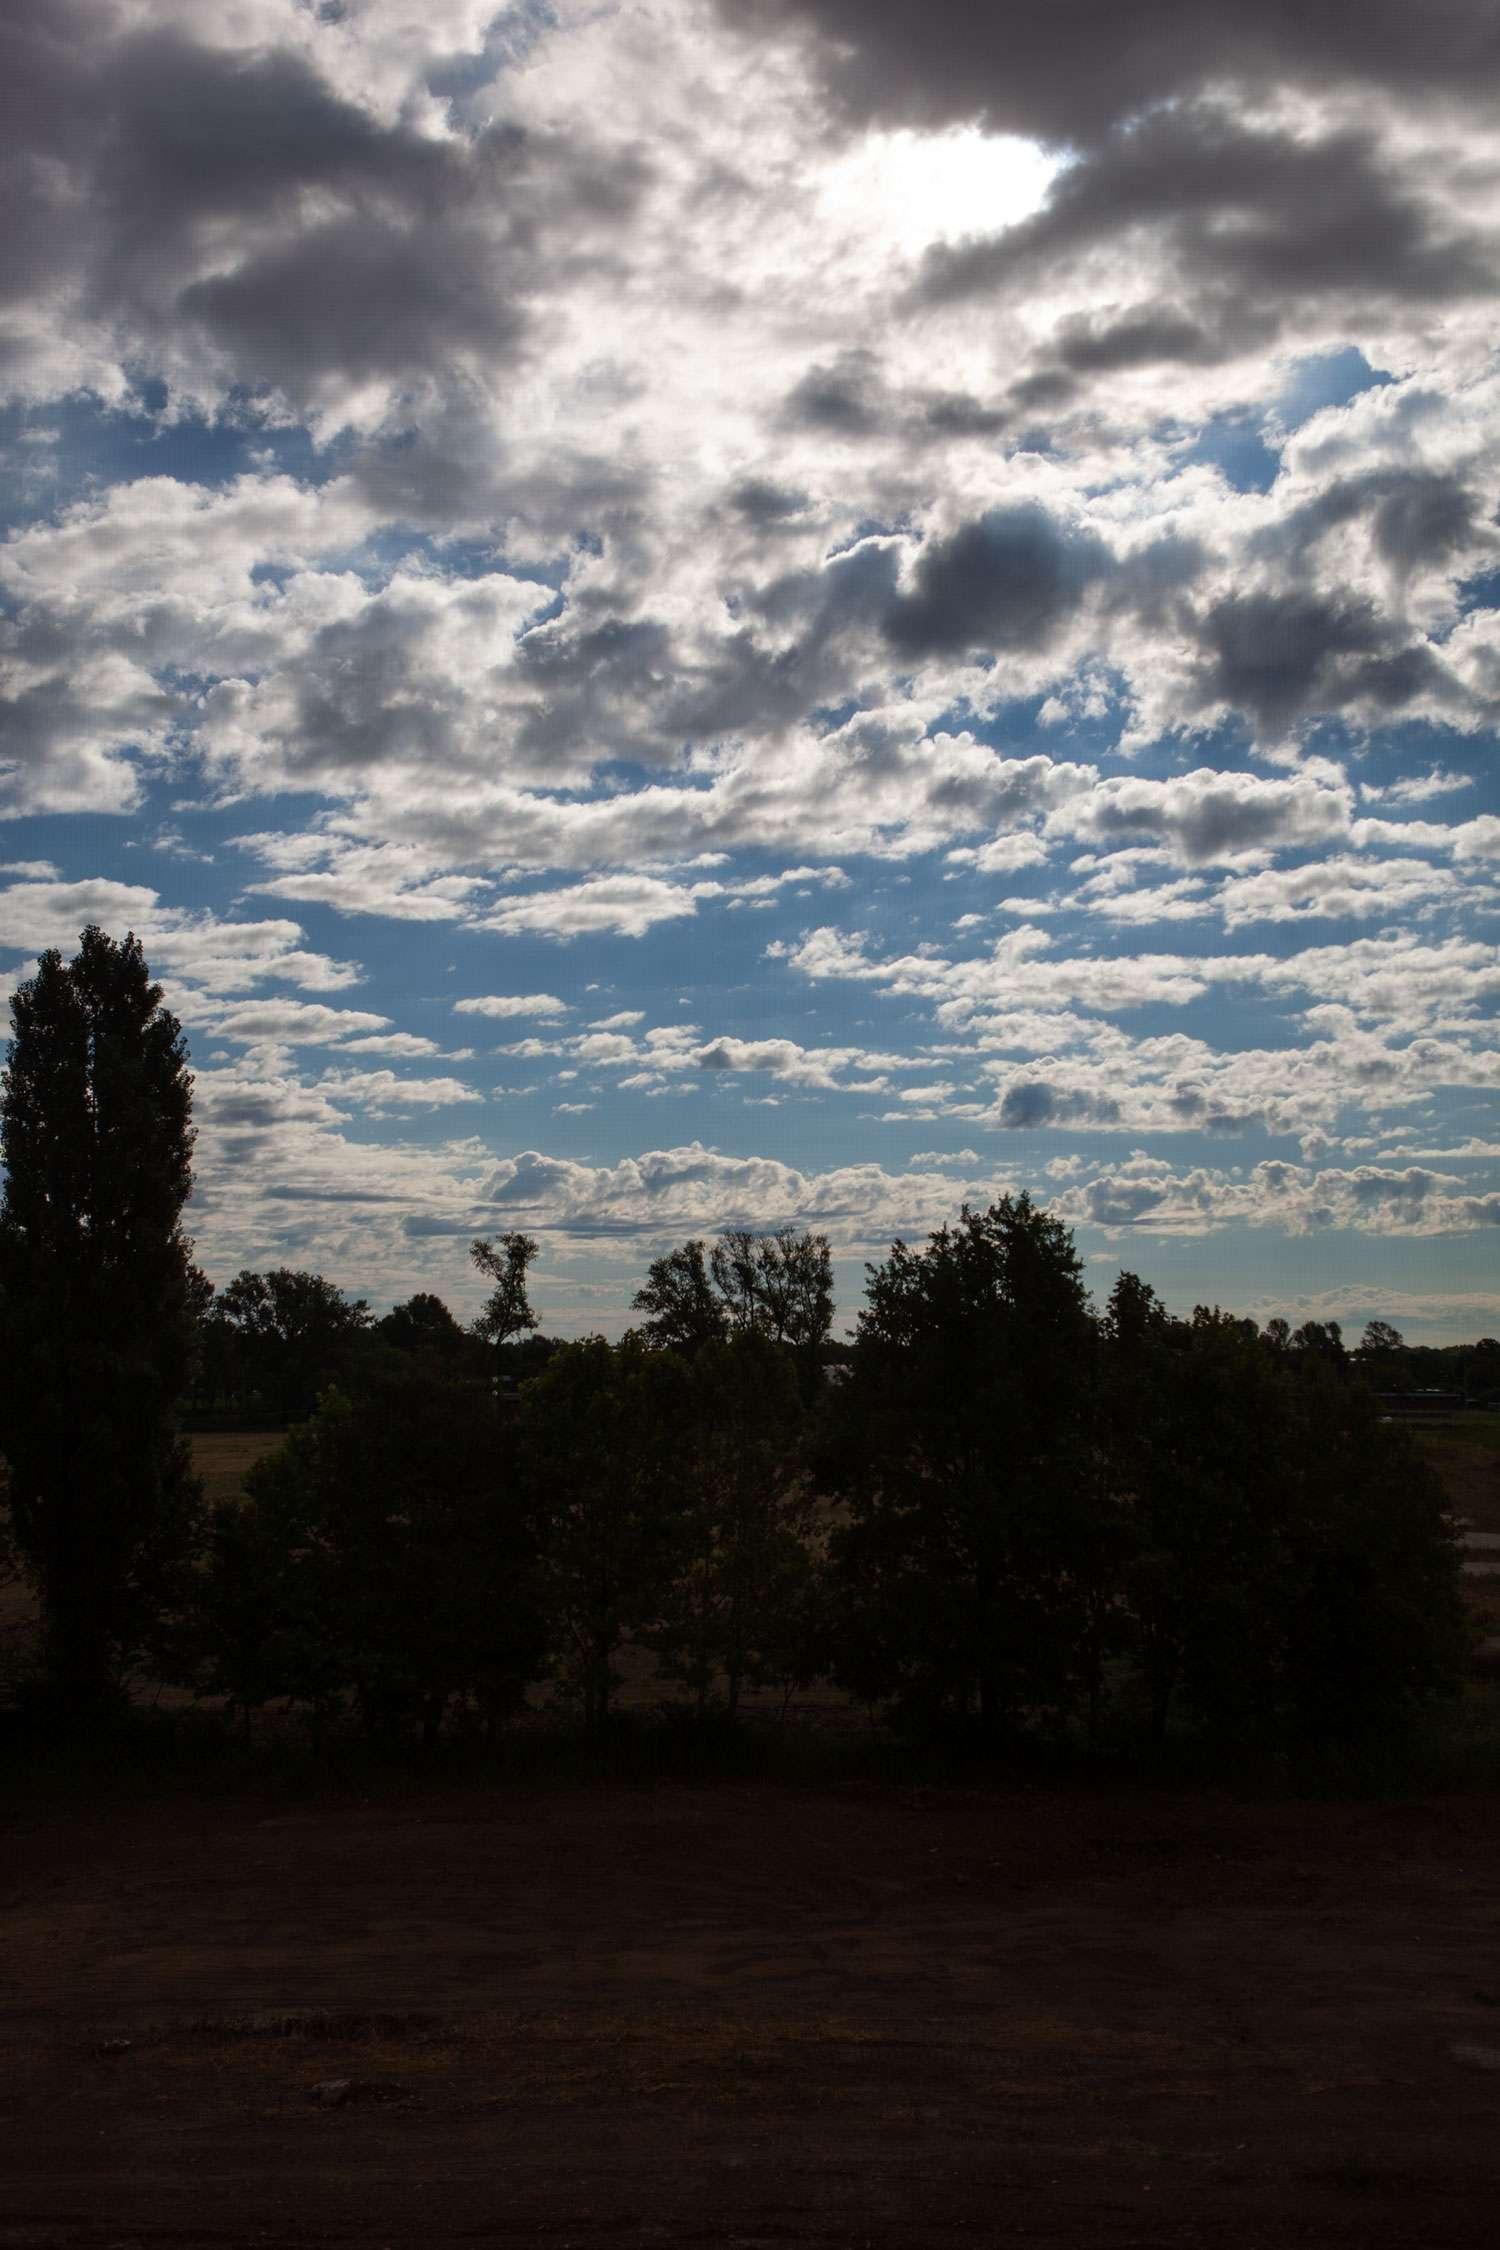 la finestra di sarah 22 luglio 2012